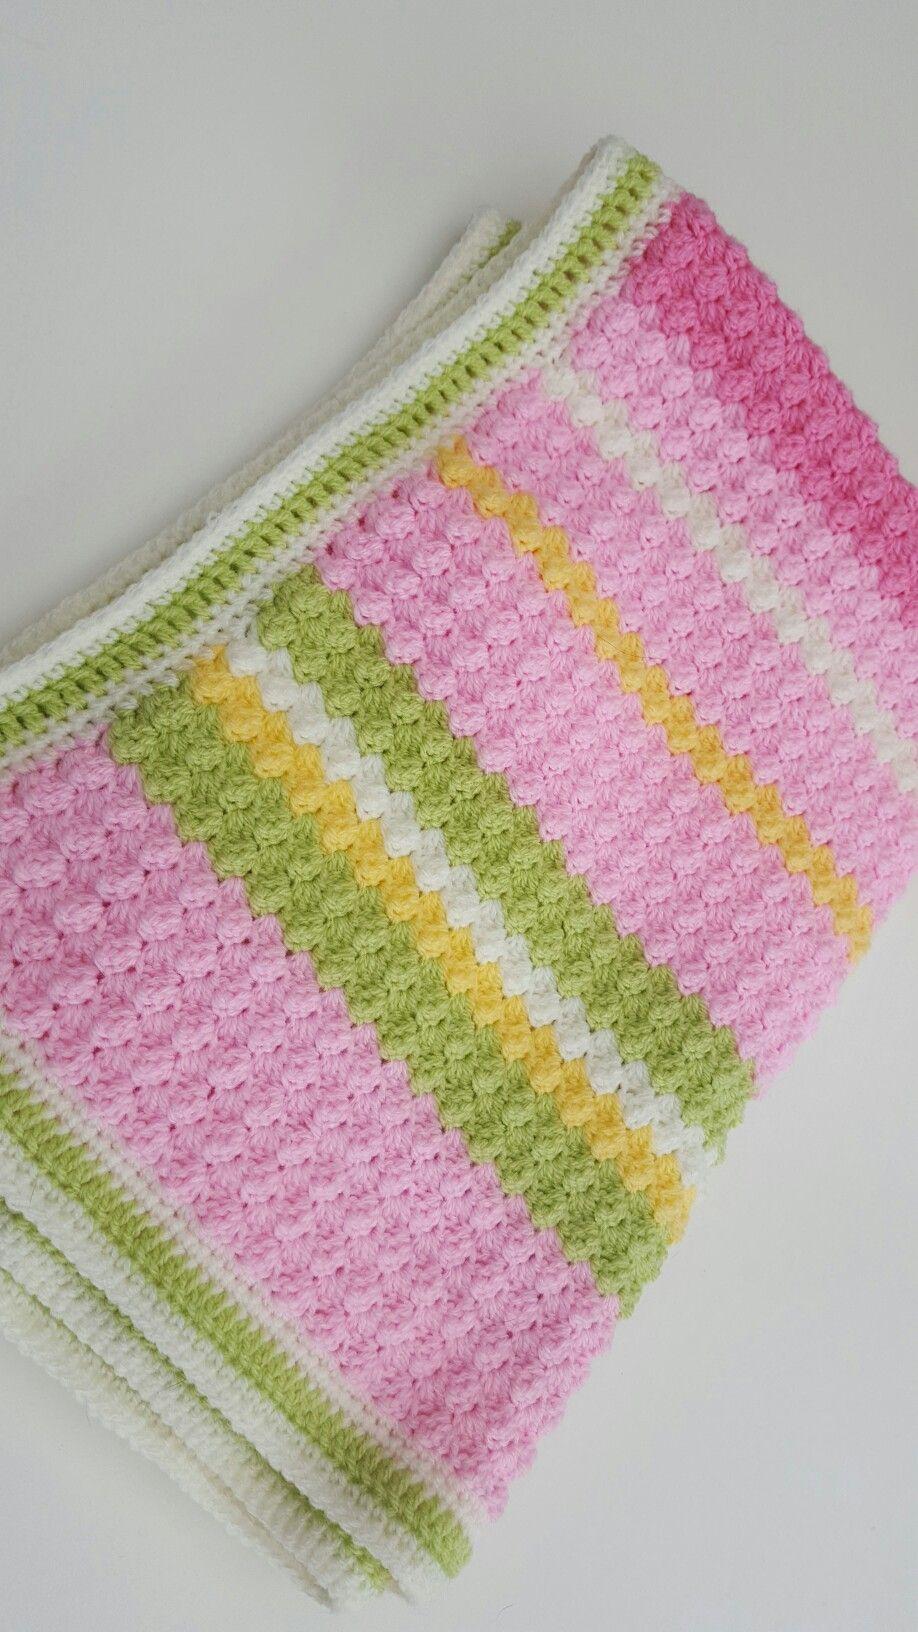 Chunky Bumpy Baby Blanket Pattern By Deborah Oleary Blanket Dk